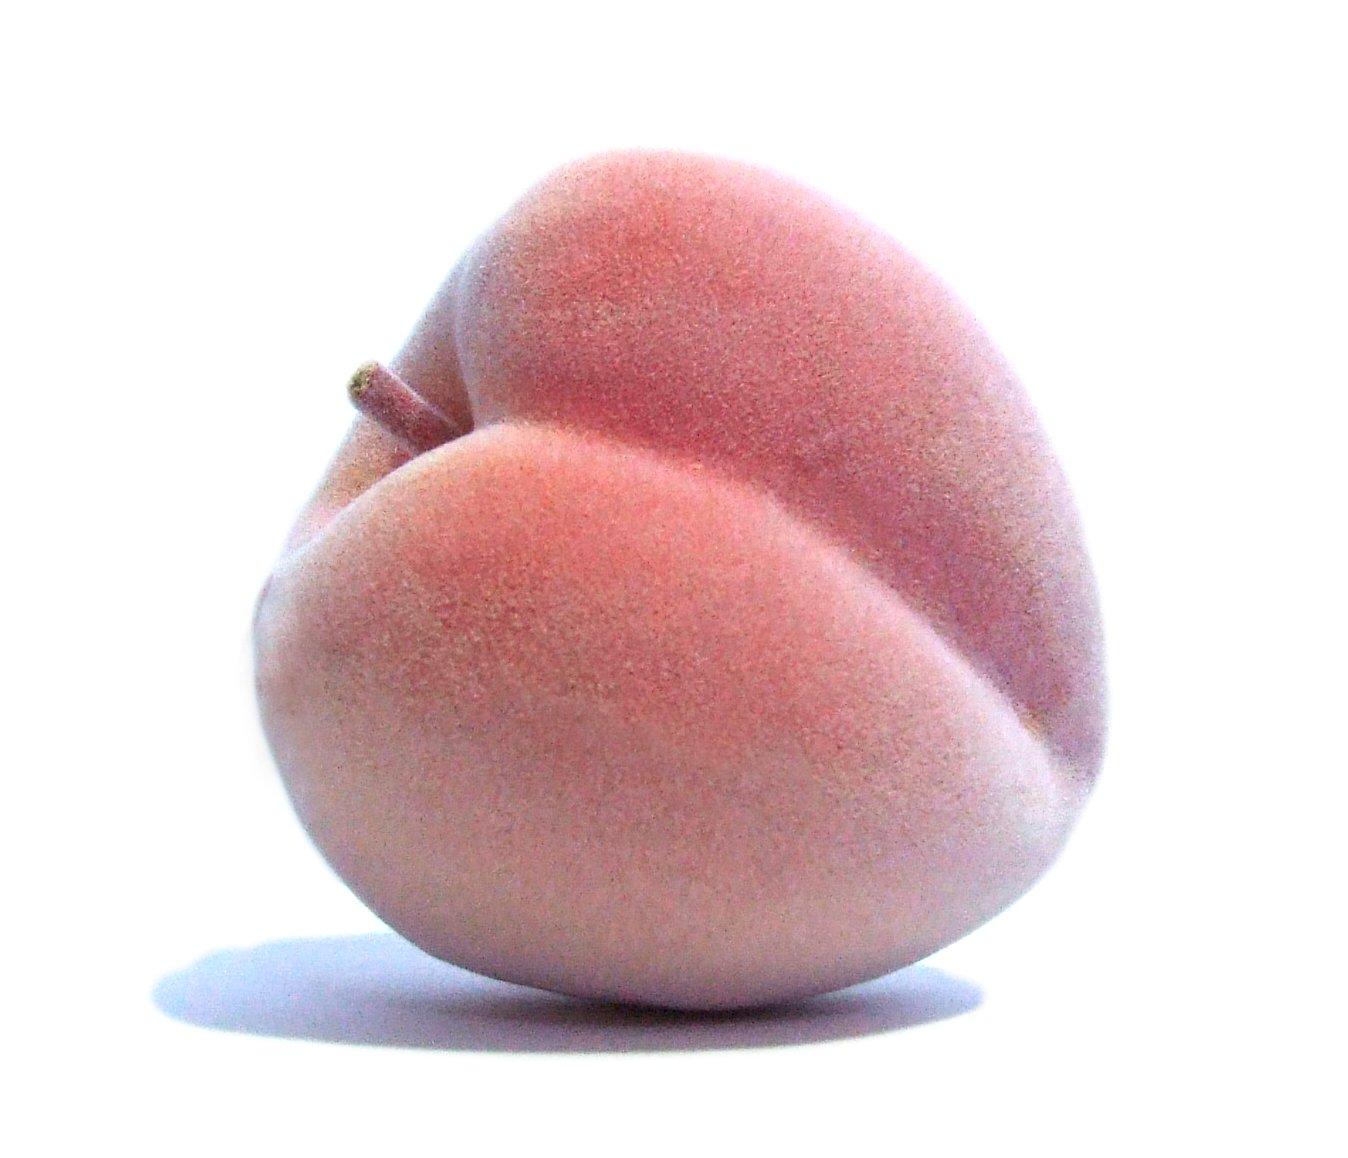 6pc-Artificial-Peach-Large-Plastic-Decorative-Peaches-Pink-Fruit-Six-Pieces